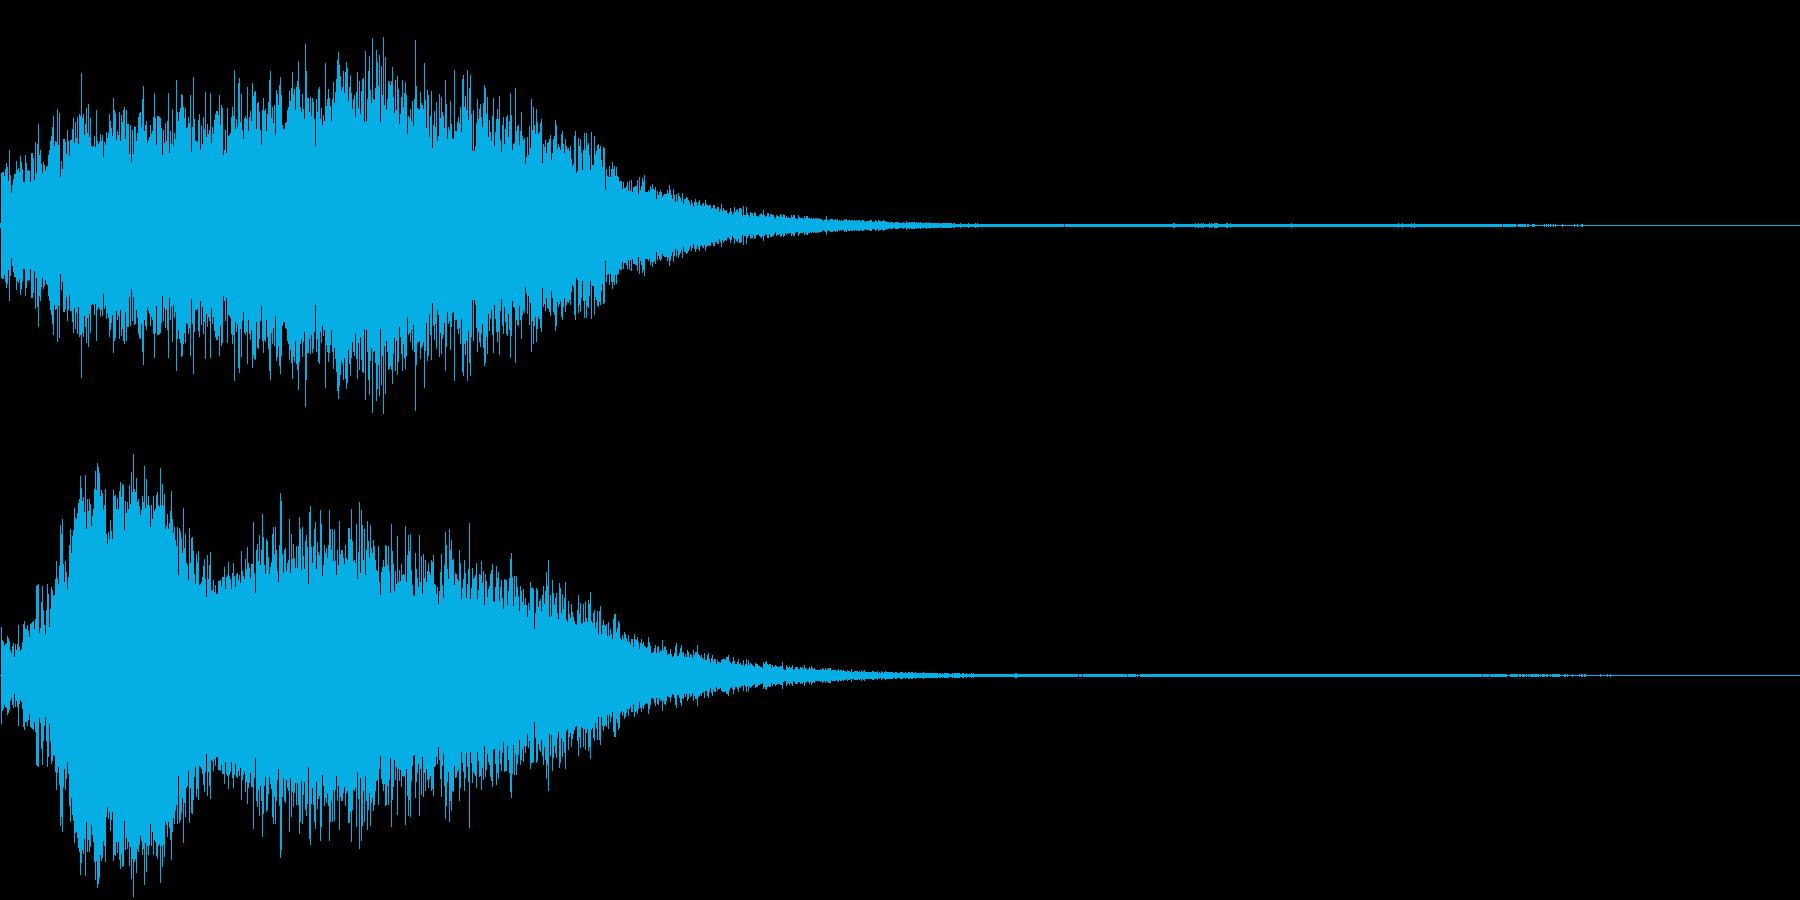 【ホラーゲーム】場面転換_03の再生済みの波形